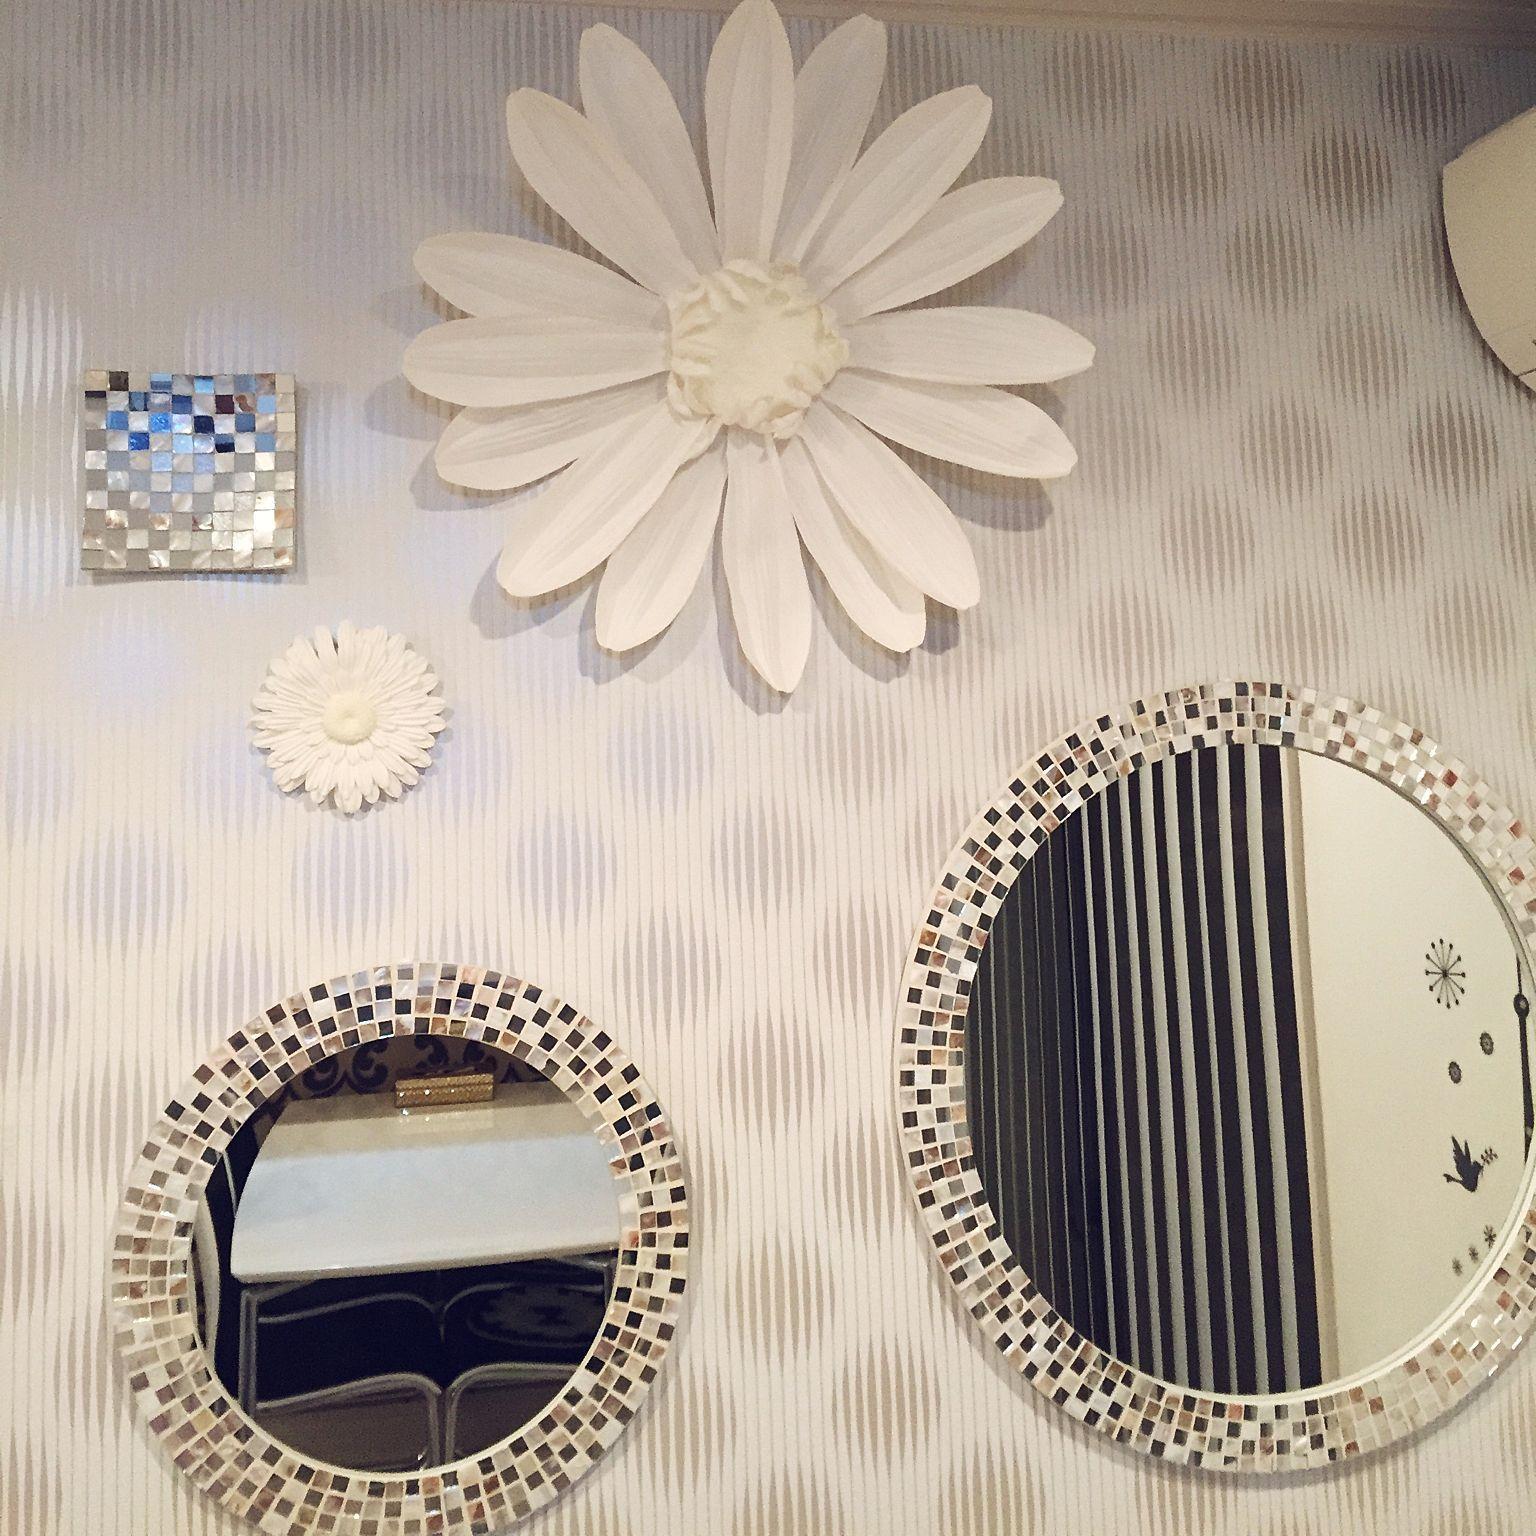 壁 天井 ウォールフラワー フランフラン 壁掛けオブジェ ミラー壁掛け